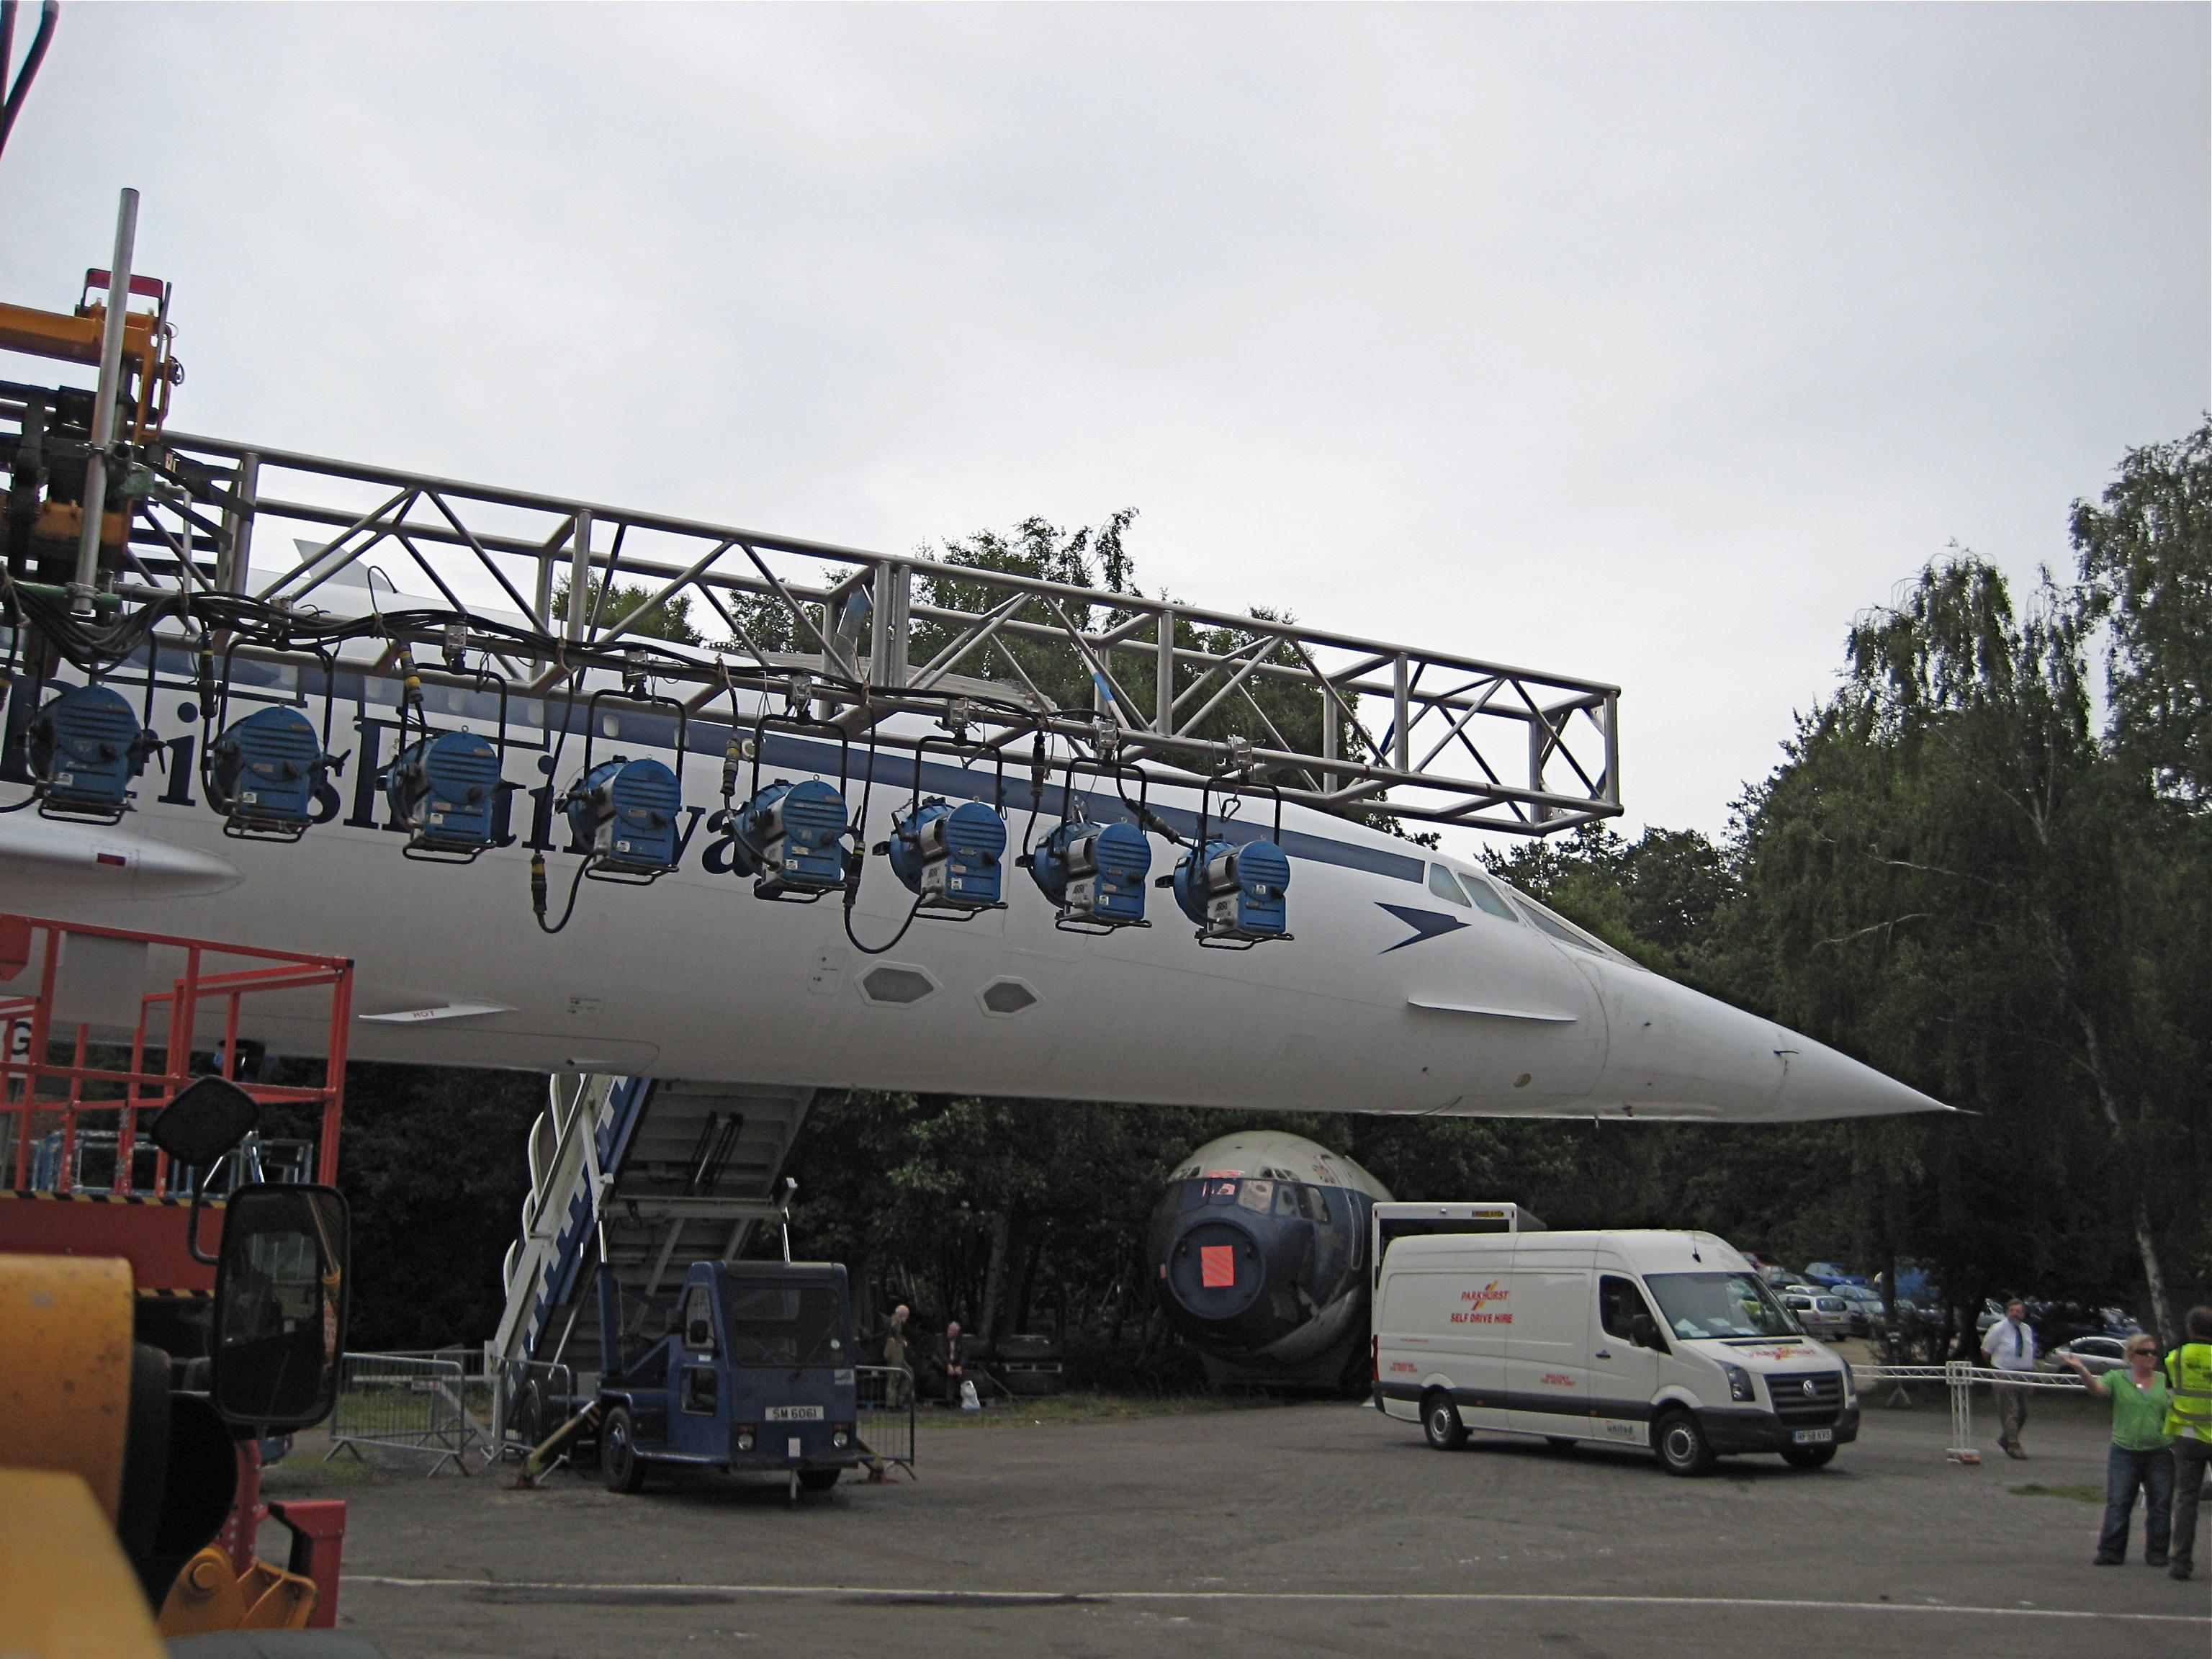 IMG_1033_Concorde rig